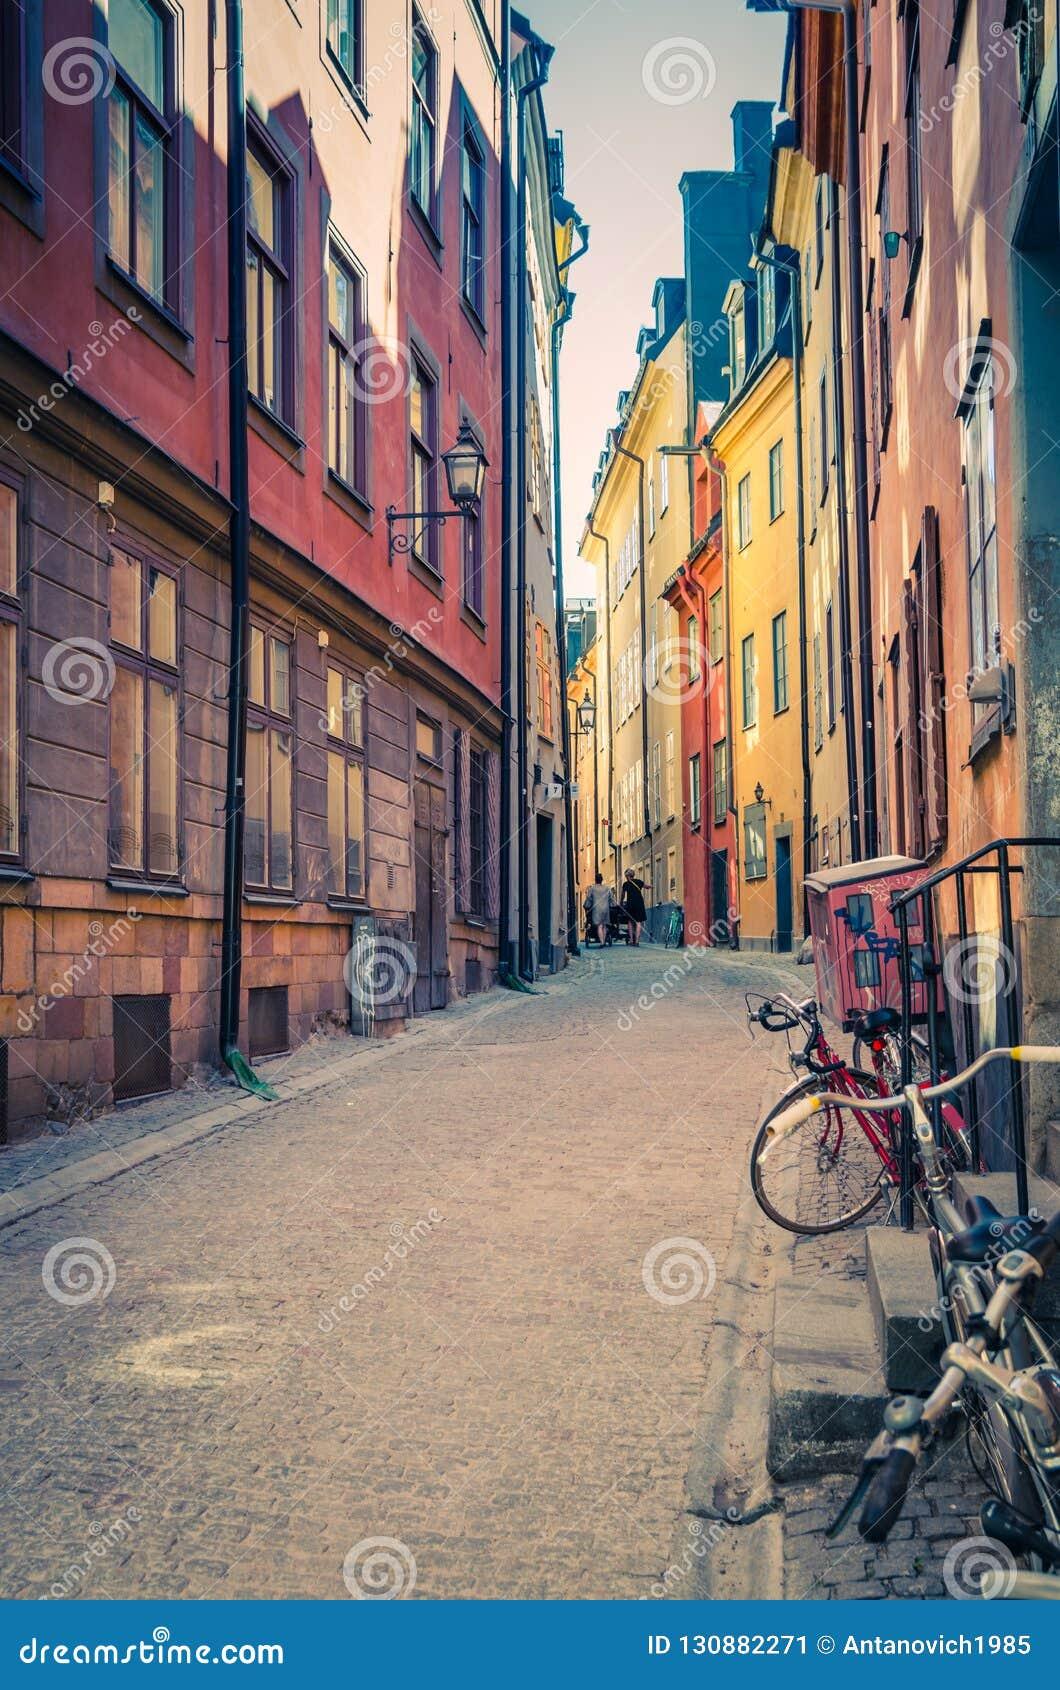 Типичная узкая улочка Швеции с булыжником, Стокгольмом, Швецией